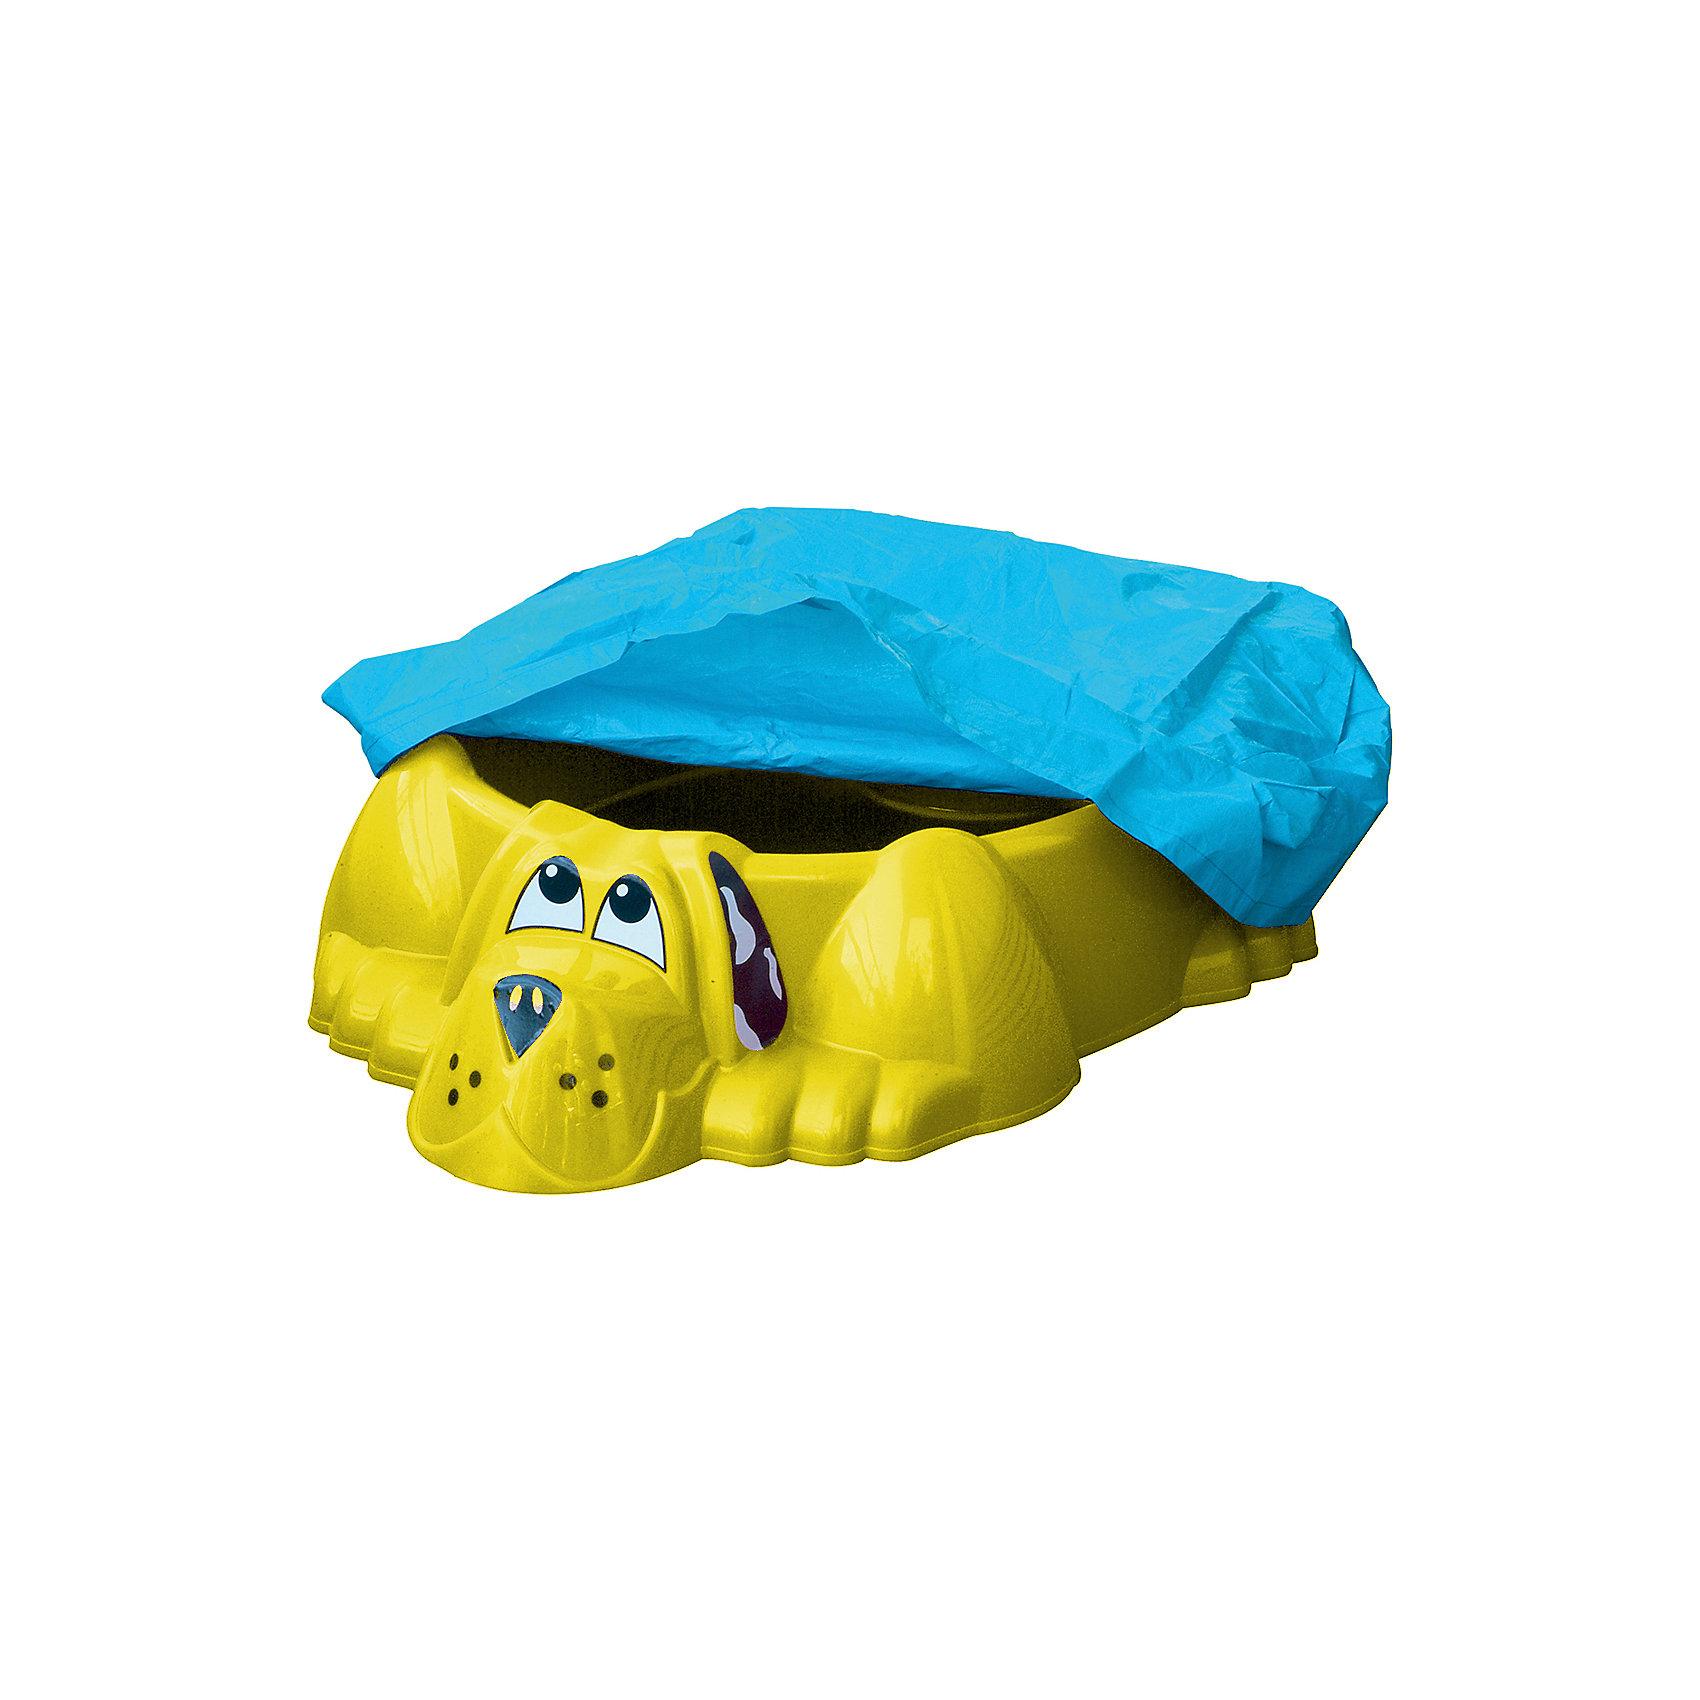 Бассейн-песочница Собачка с покрытием, синий, Marian PlastБассейн - Собачка с покрытием от Marianplast (Марианпласт) прекрасно подойдет для летнего отдыха детей, оригинальный дизайн и яркая раскраска привлекут внимание малыша, может  использоваться и как песочница и как бассейн. В собачку можно засыпать песок и играть в куличики, а можно наполнить водой и купать любимые игрушки.<br><br>Бассейн выполнен в форме забавной собачки, внутри имеются два удобных сиденья в виде выступов. В песочнице одновременно могут играть двое детей. В комплект входит тент-покрытие, который защитит песочницу от дождя, осадков и загрязнений. Размеры бассейна  позволяют перевезти его на любом легковом автомобиле.<br><br>Дополнительная информация:<br><br>- В комплекте: песочница-бассейн, мягкое покрытие, наклейки (уши, нос, глаза собачки).<br>- Материал: гипоаллергенная пластмасса, устойчивая к выцветанию.<br>- Размер: 115 x 92 x 25 см.<br>- Вес:  4,2 кг.<br><br>Бассейн - Собачку с покрытием от Marianplast (Марианпласт) можно купить в нашем интернет-магазине.<br><br>Ширина мм: 1150<br>Глубина мм: 920<br>Высота мм: 250<br>Вес г: 4110<br>Возраст от месяцев: 24<br>Возраст до месяцев: 96<br>Пол: Унисекс<br>Возраст: Детский<br>SKU: 3527203